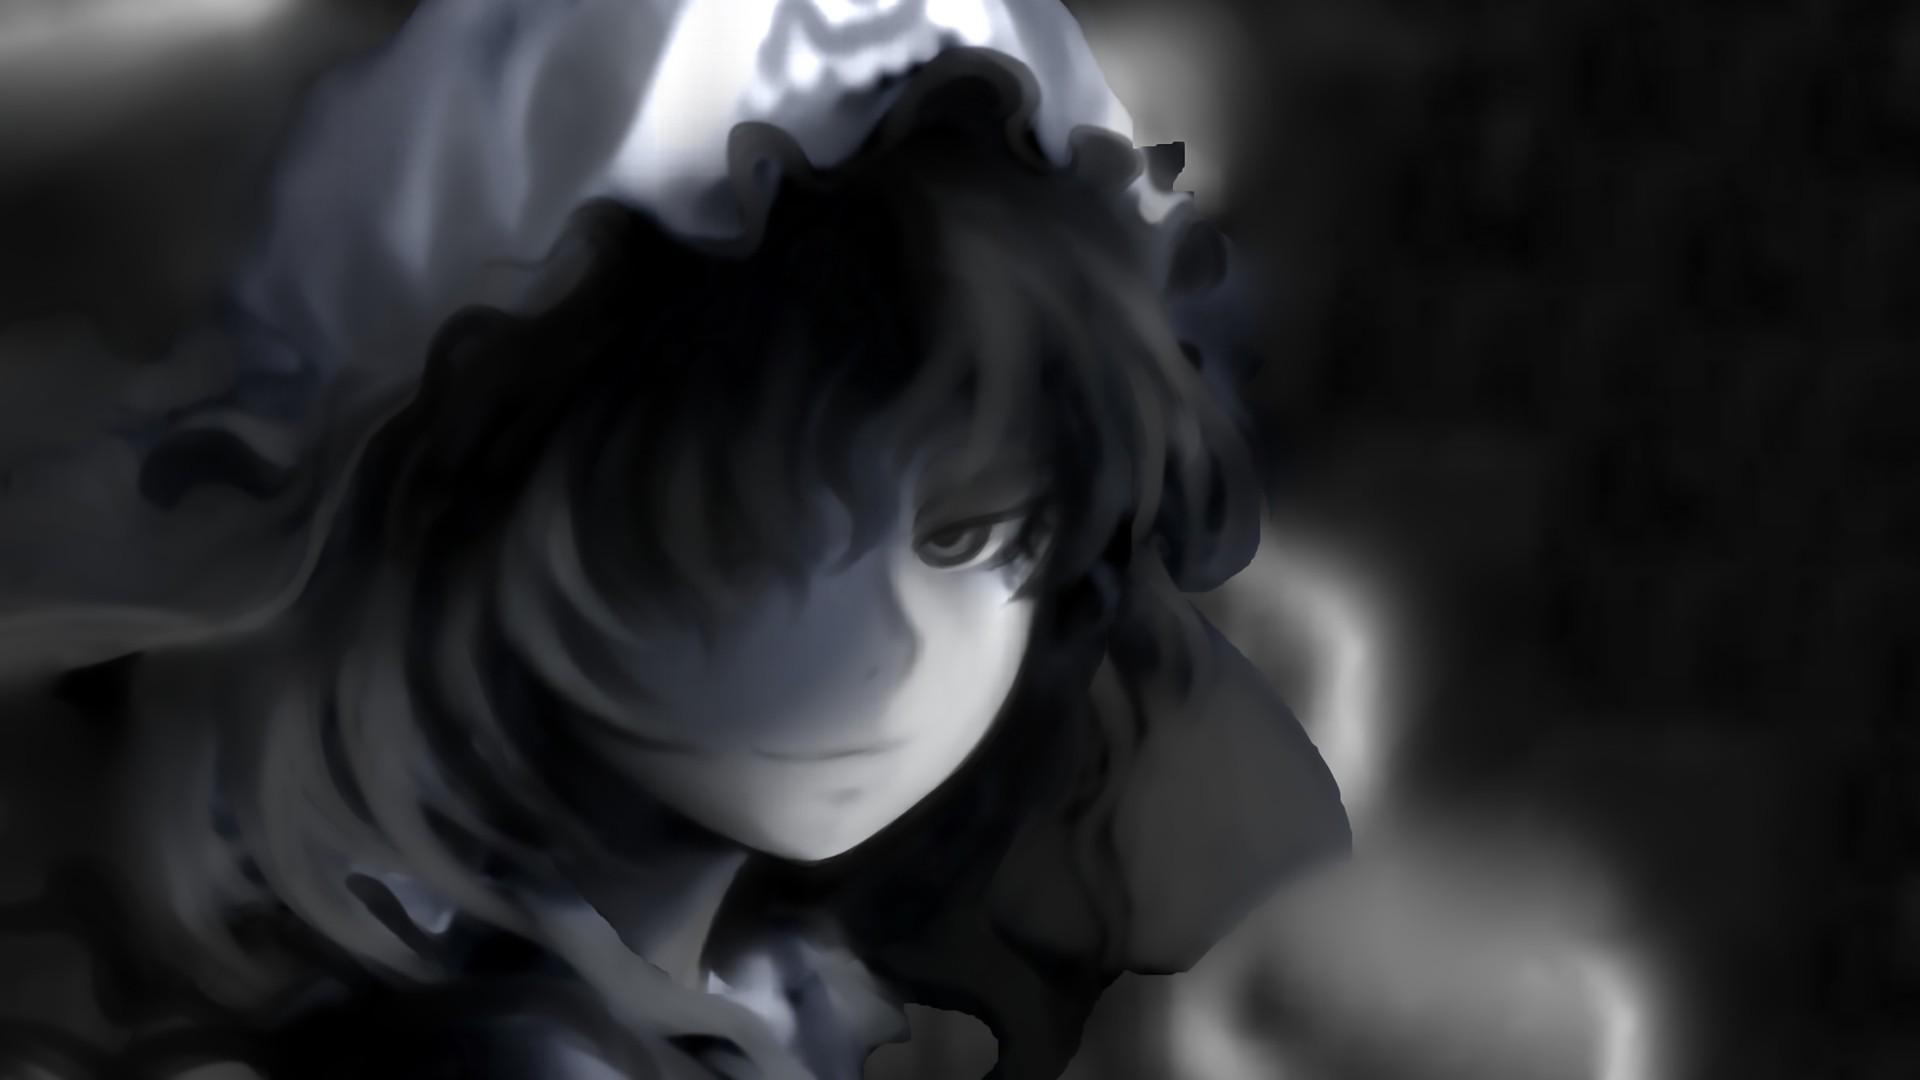 Wallpaper Anime Hat Touhou Saigyouji Yuyuko Smirk Darkness